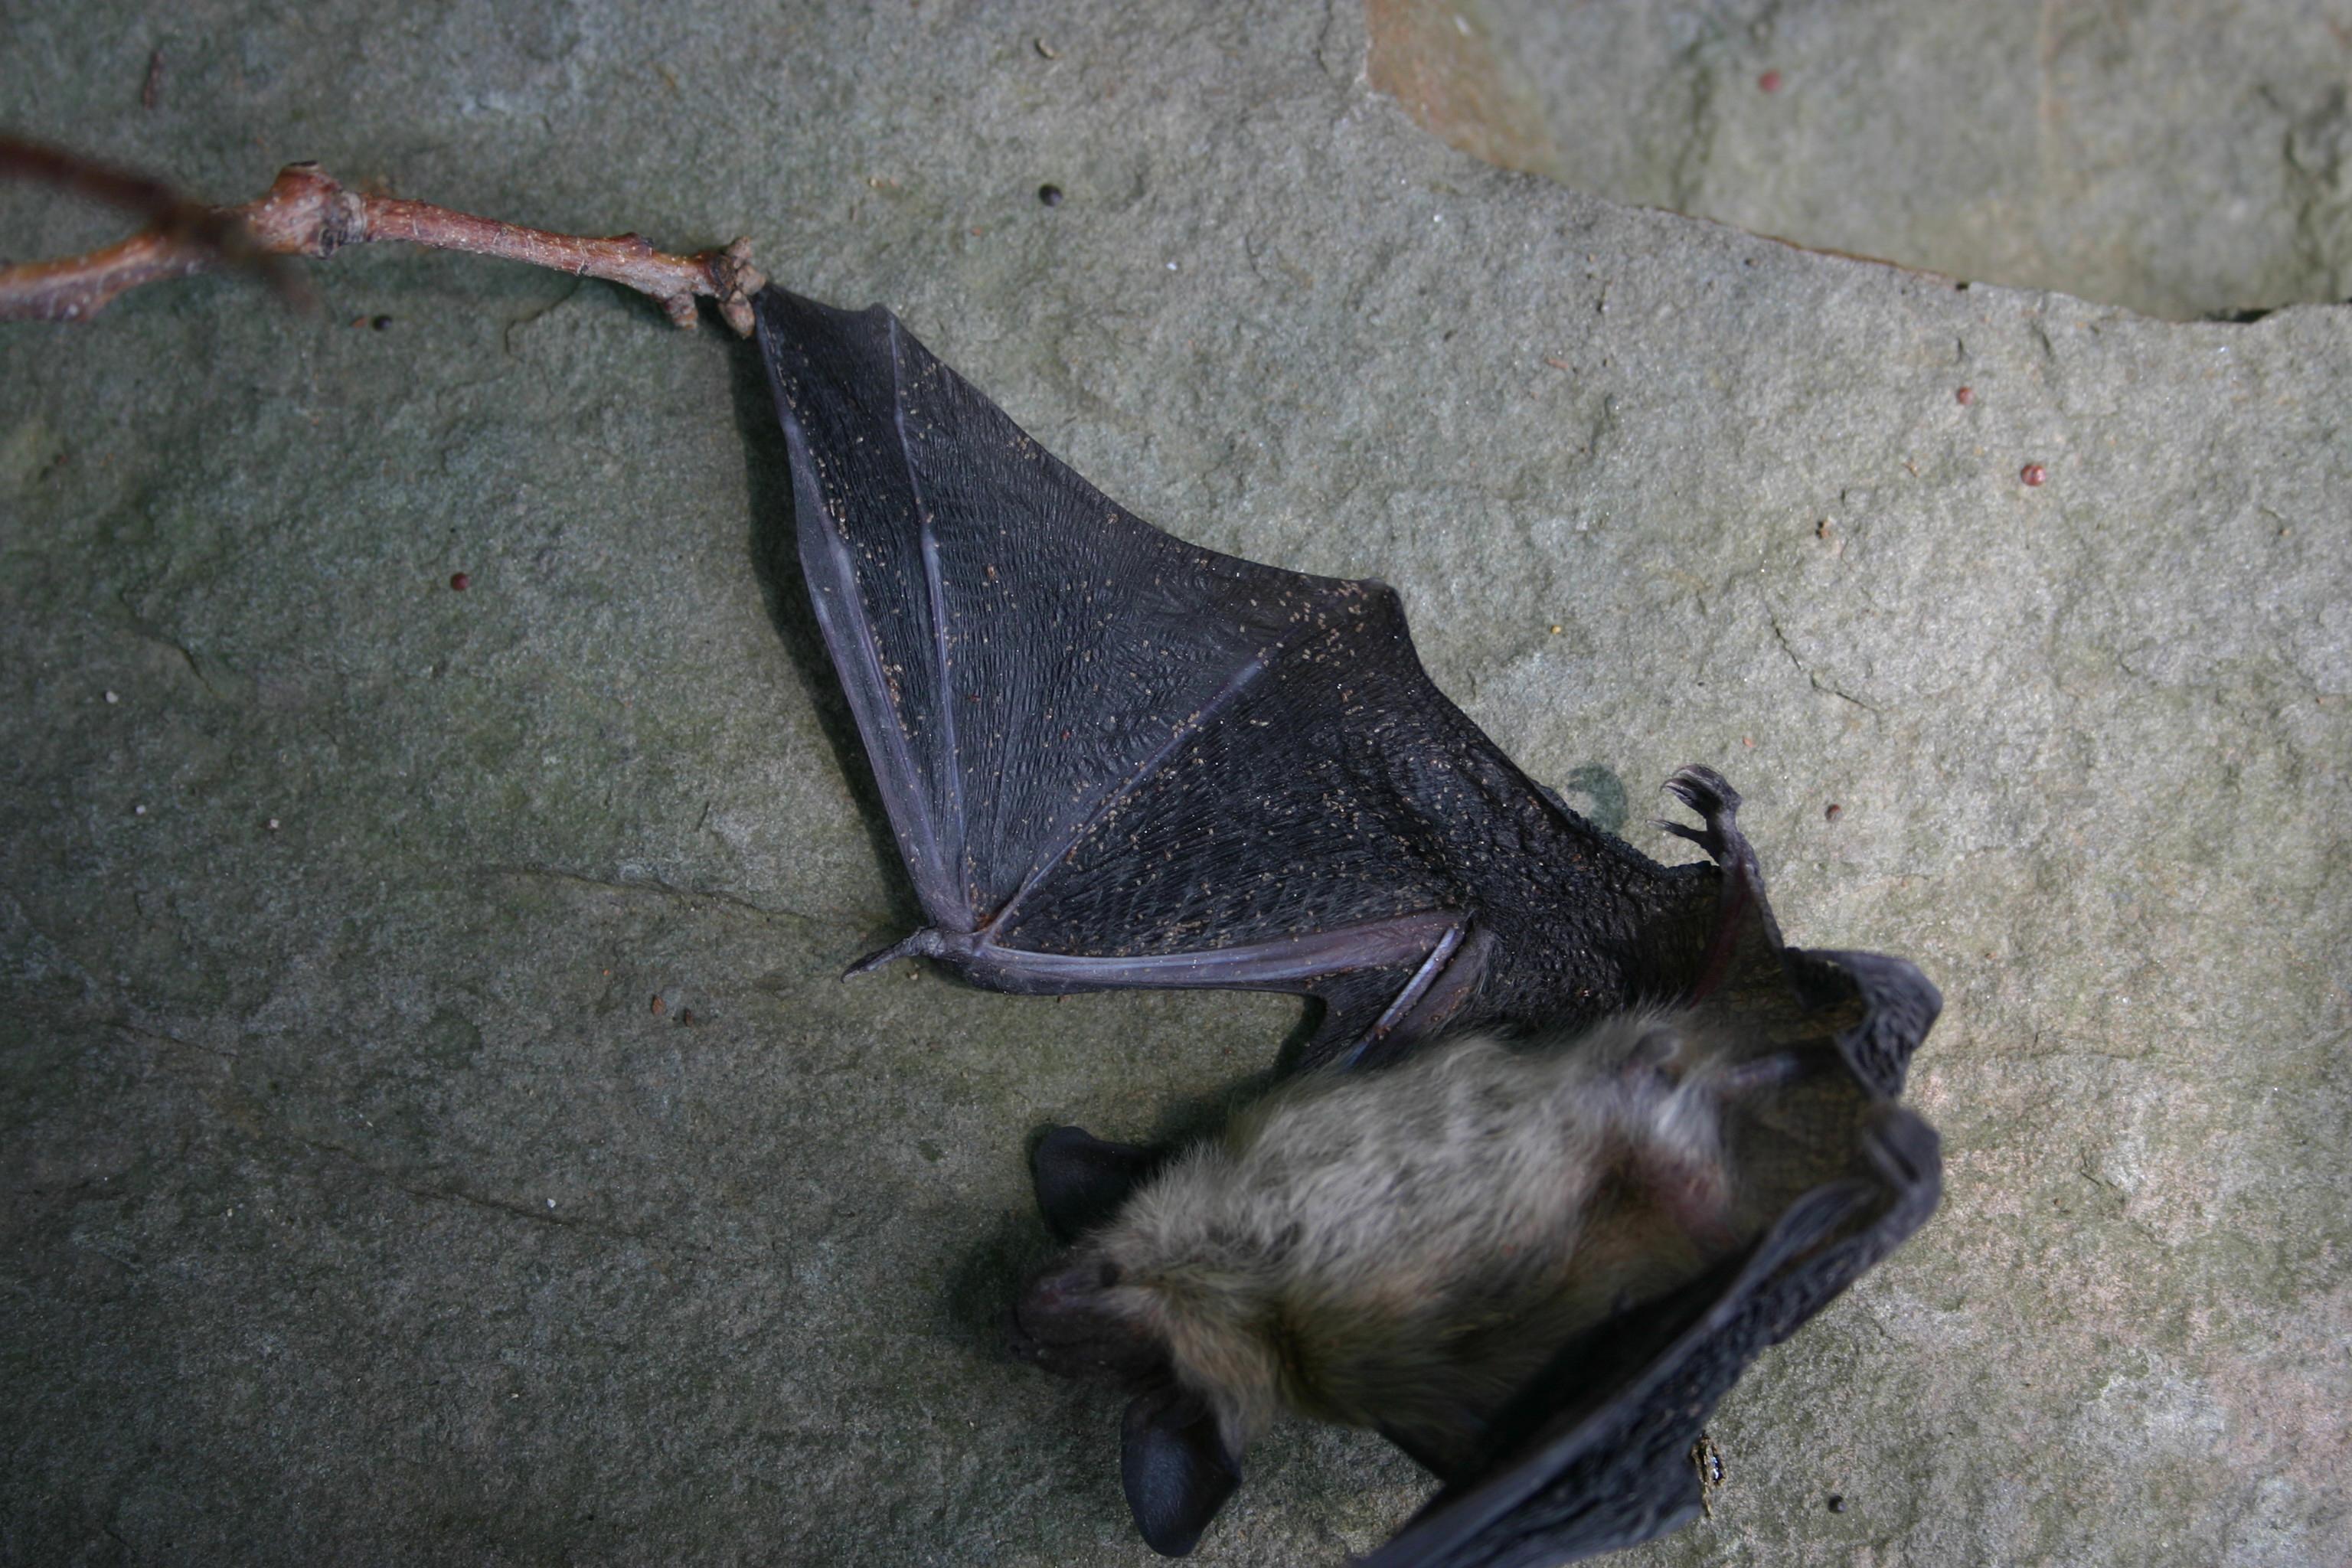 bat wing 001 by Starrystock